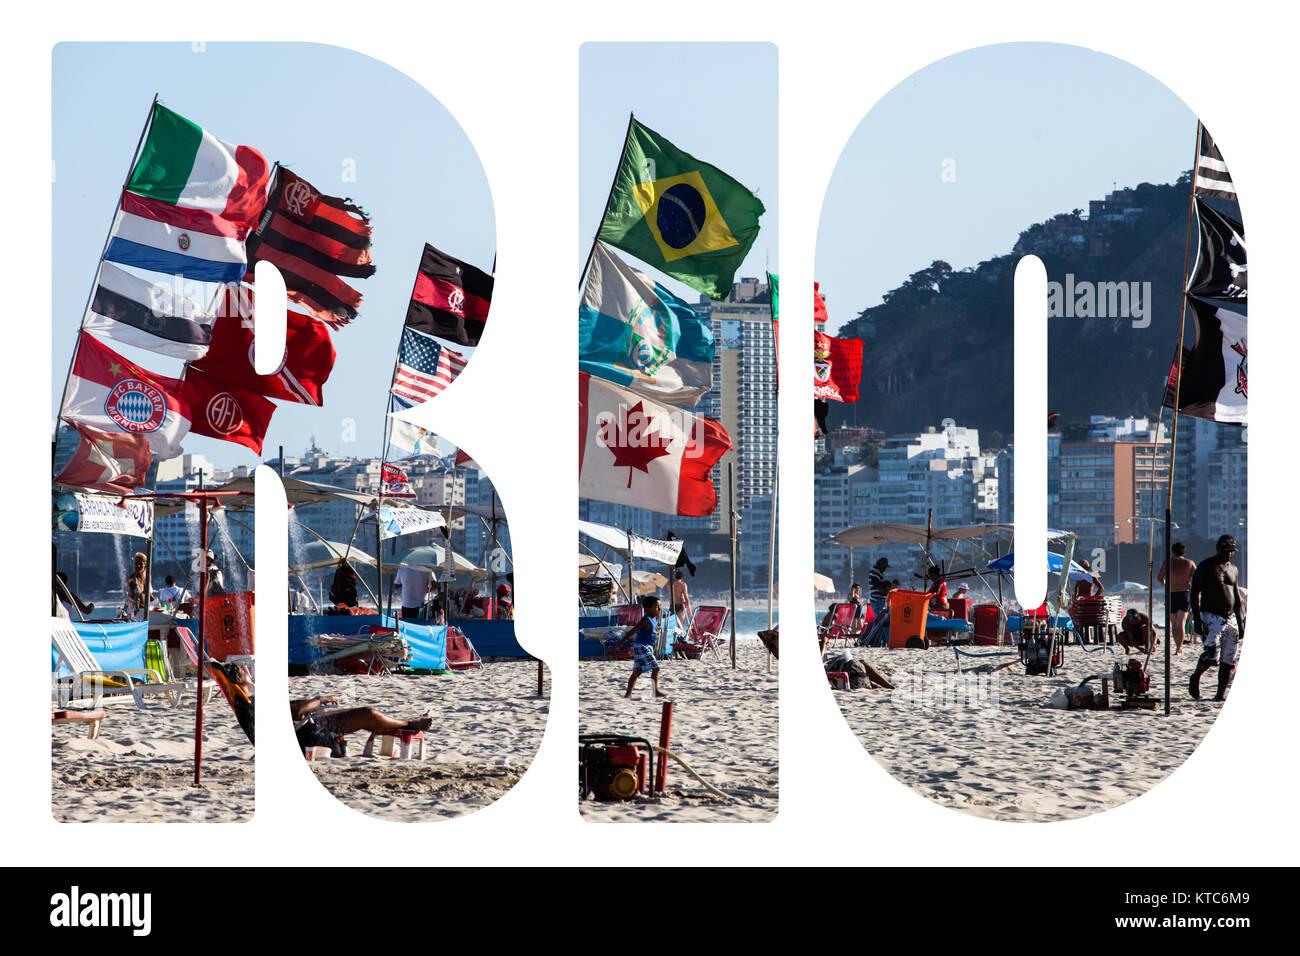 Word RIO. Copacabana Beach in Rio de Janeiro, Brazil - Stock Image